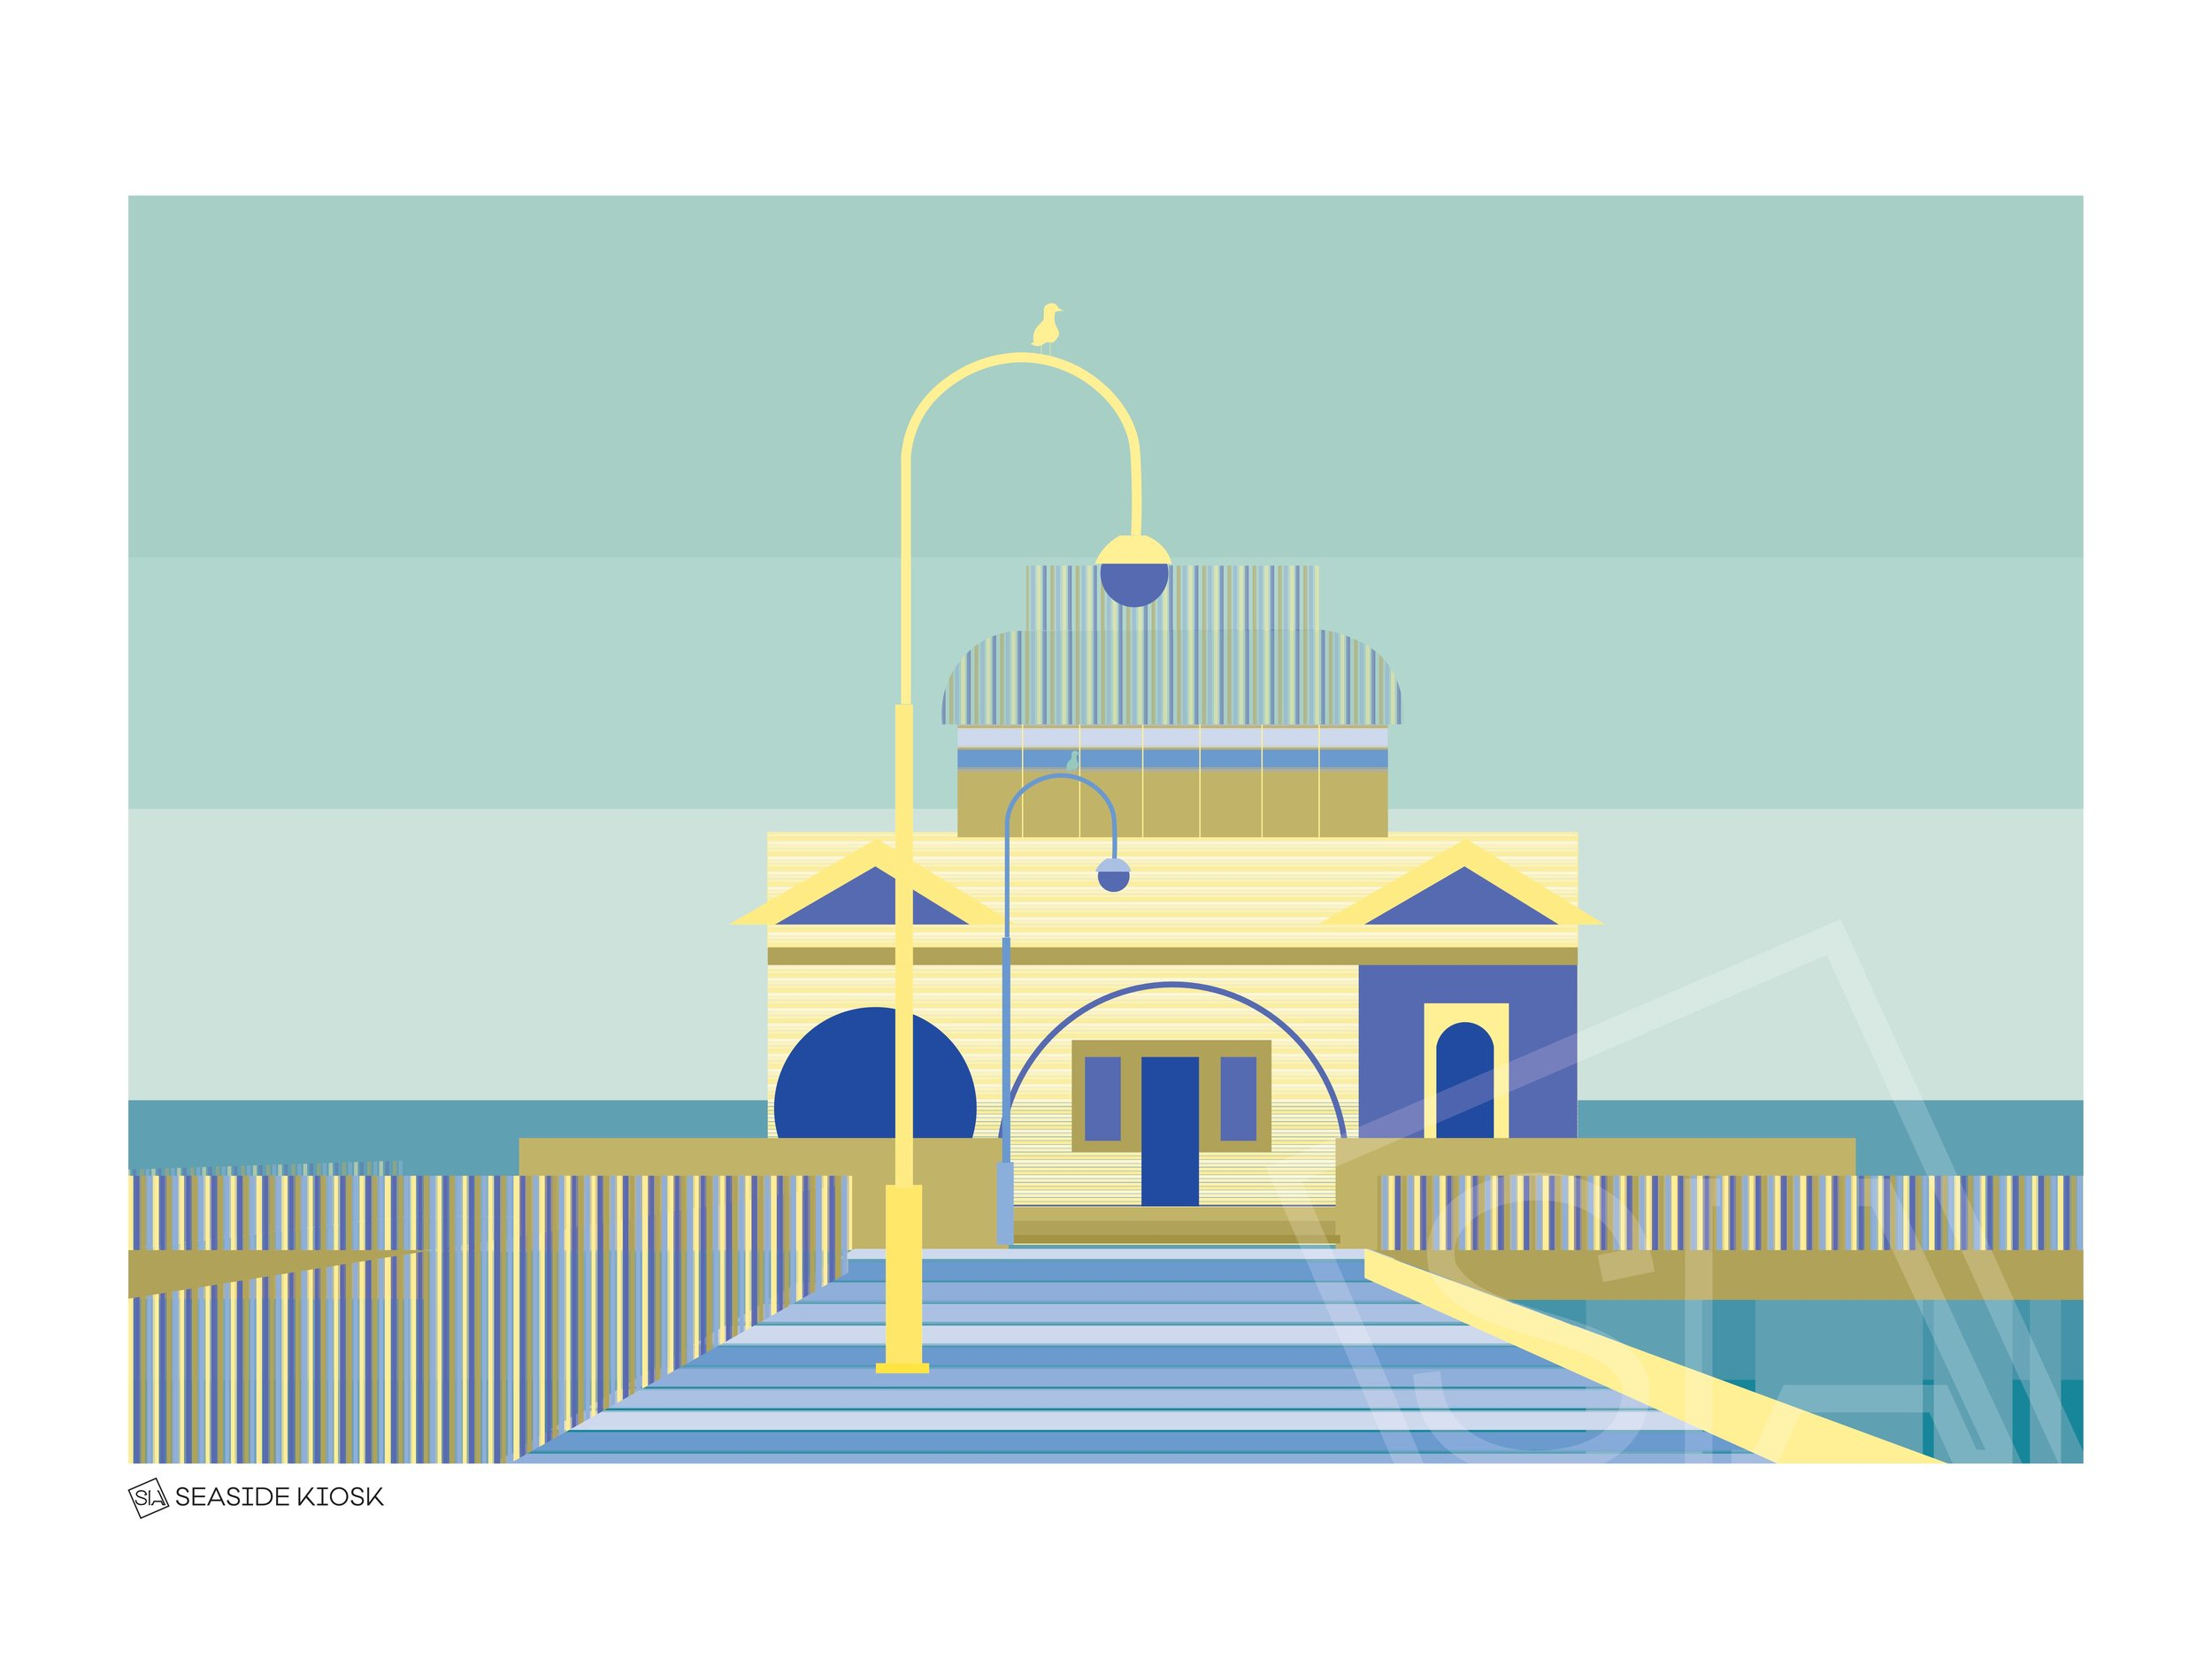 Seaside Kiosk